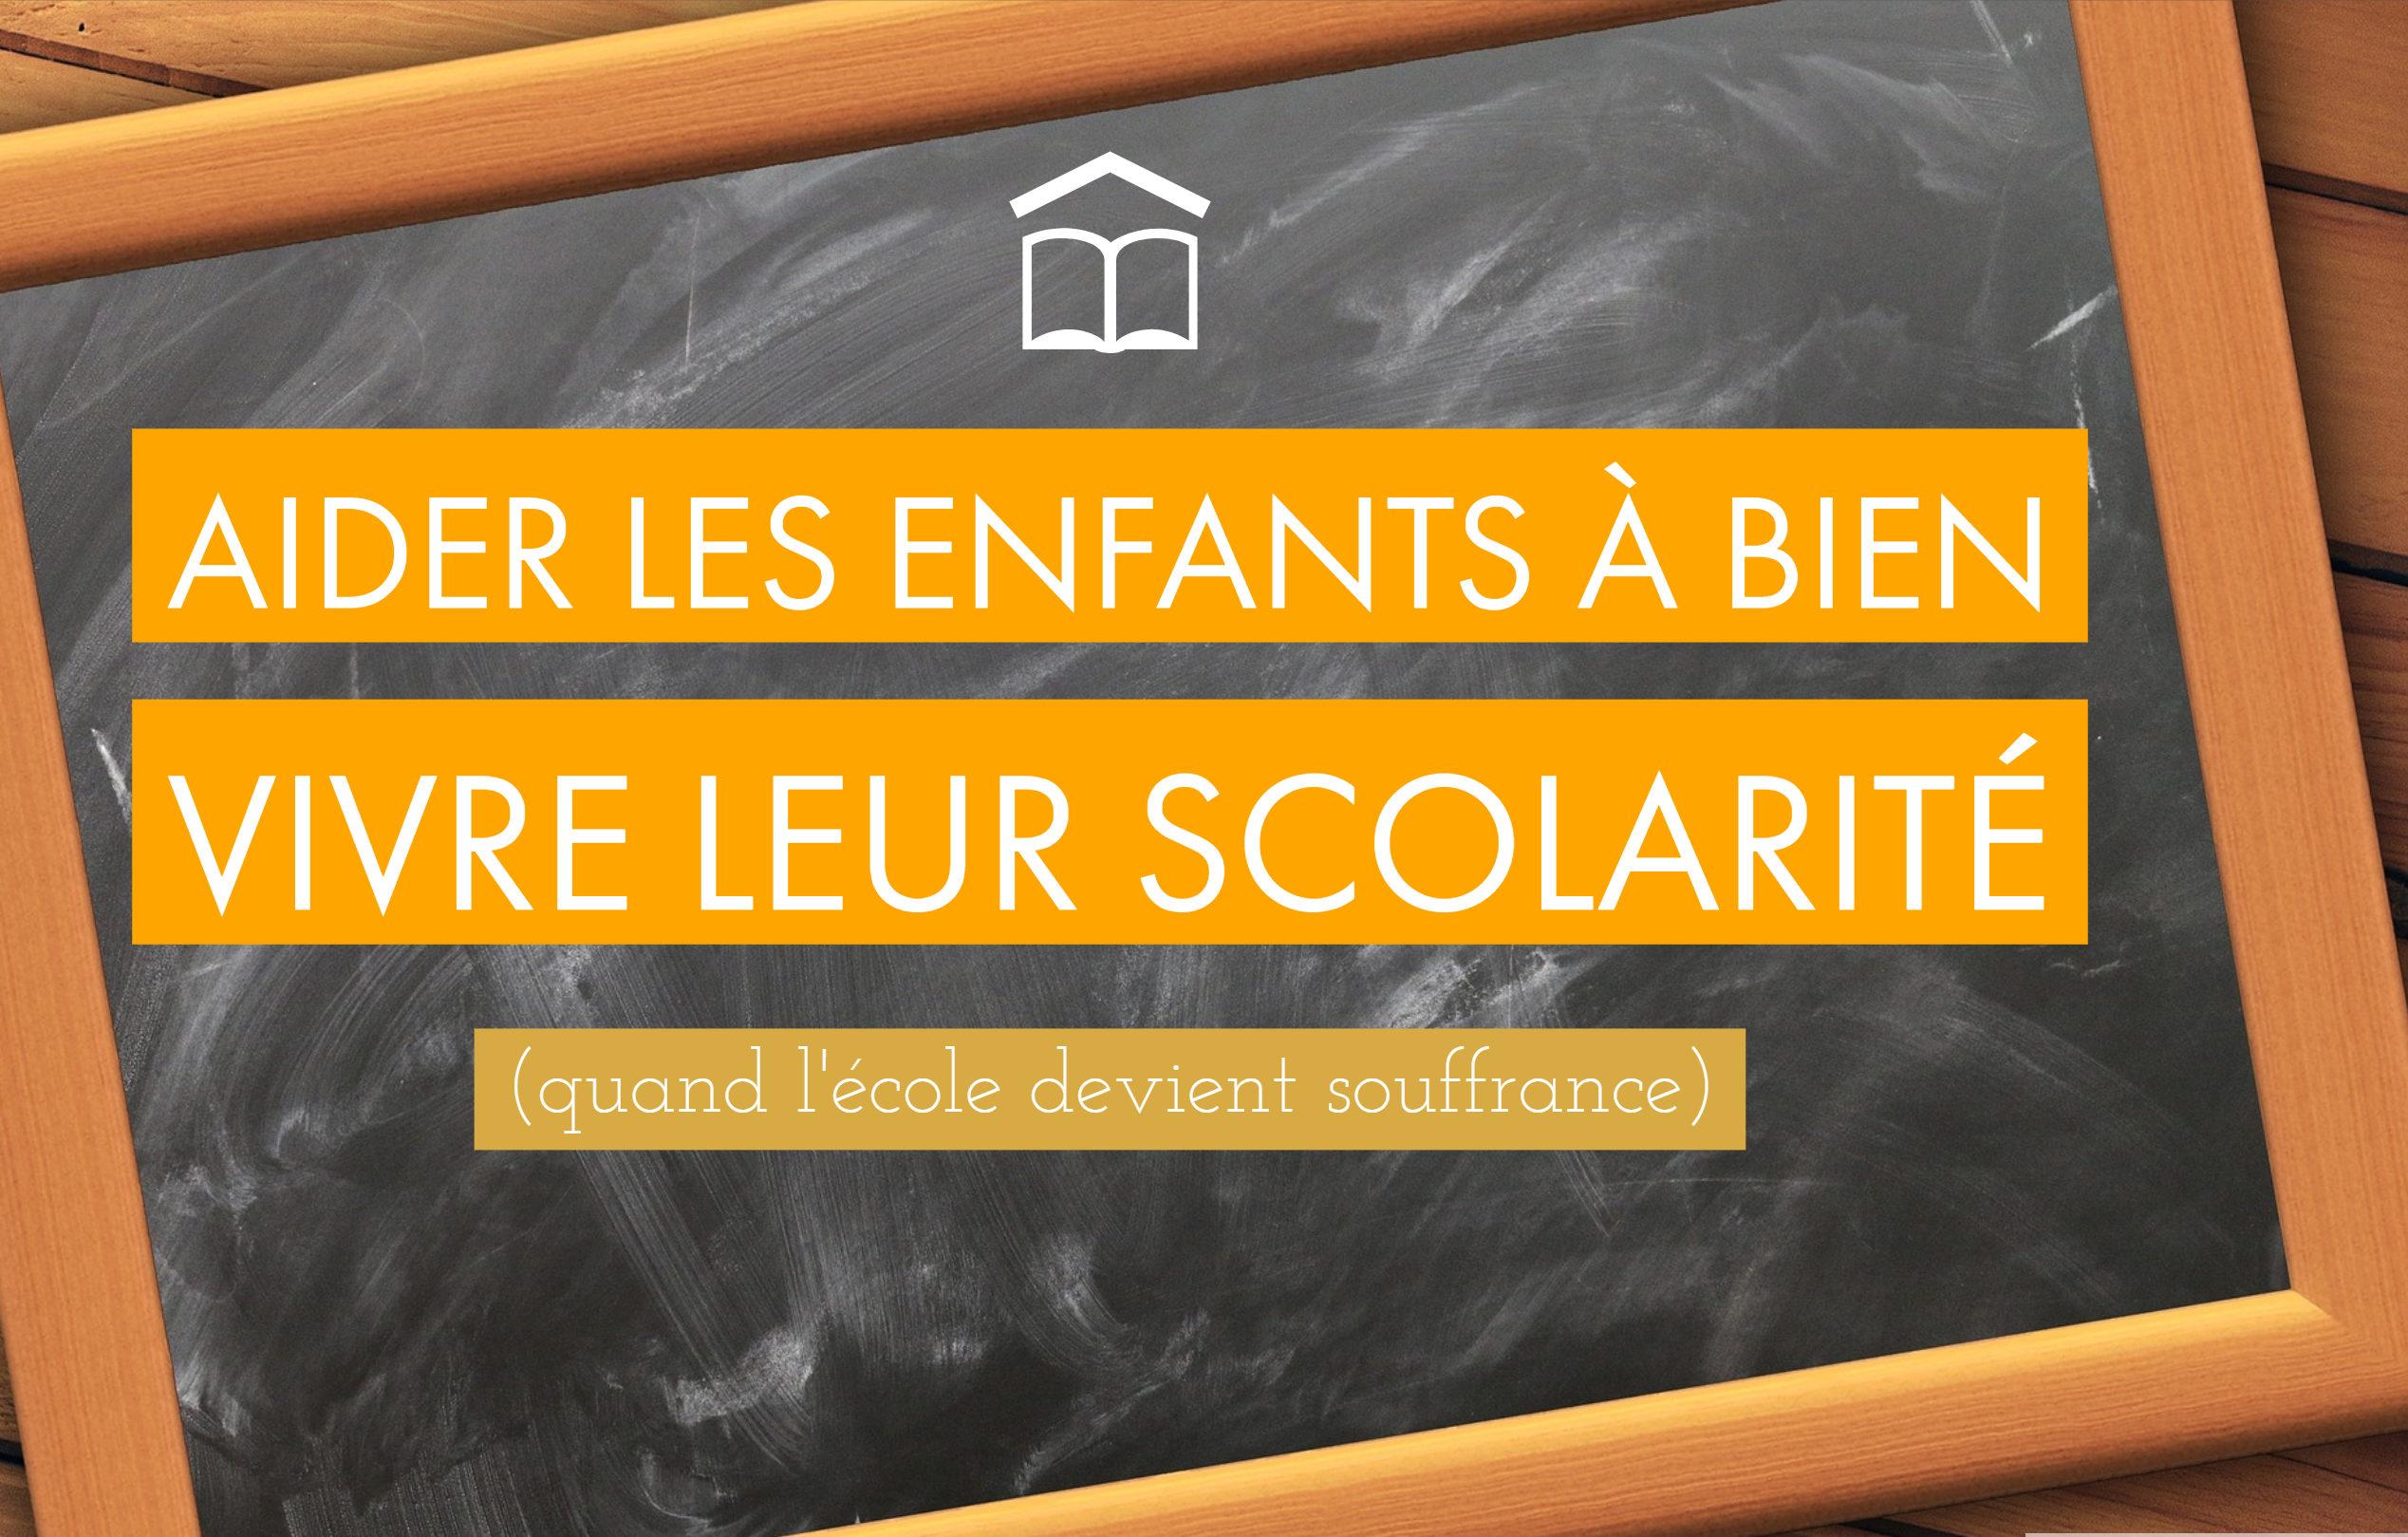 aider enfants vivre scolarité